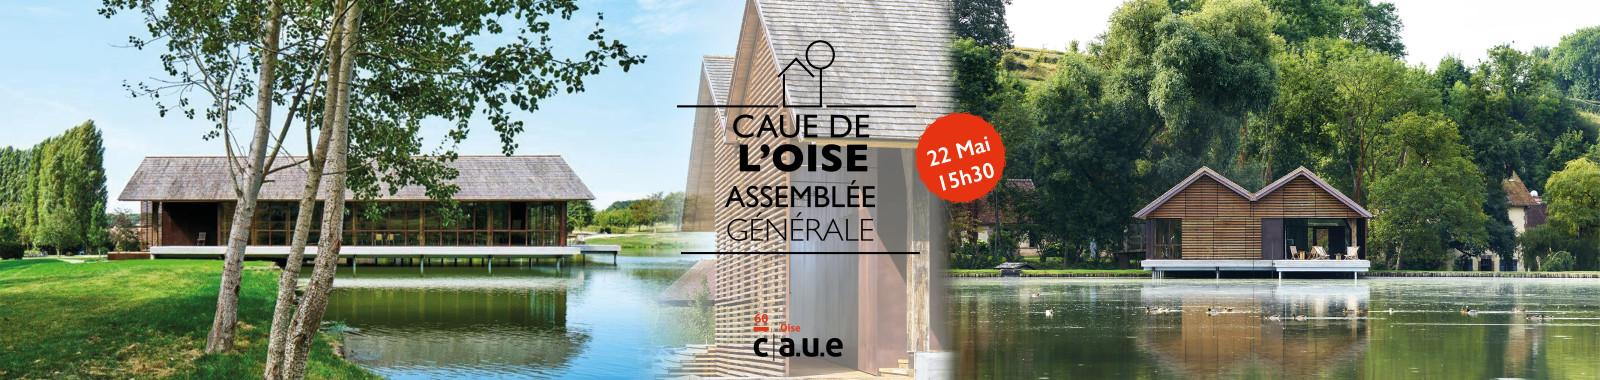 banniere-ste-web-caue-e1520865751950